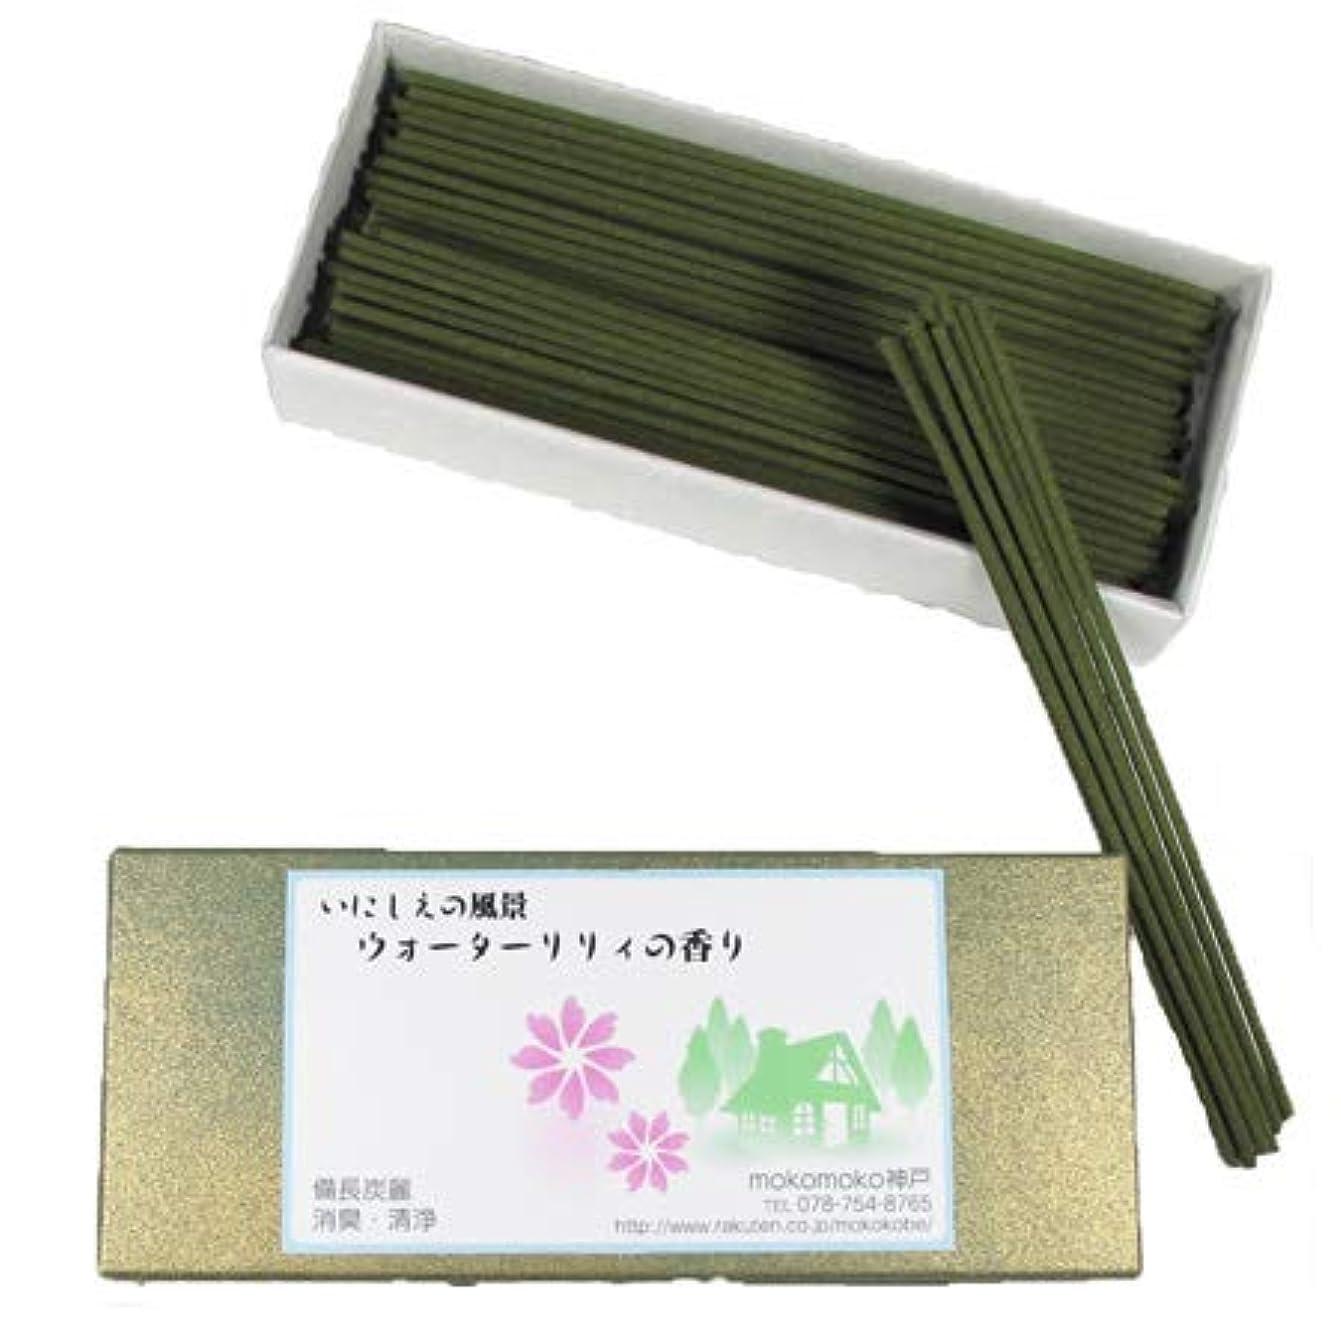 木羽パラメータ健康線香「ウォーターリリィの香り」